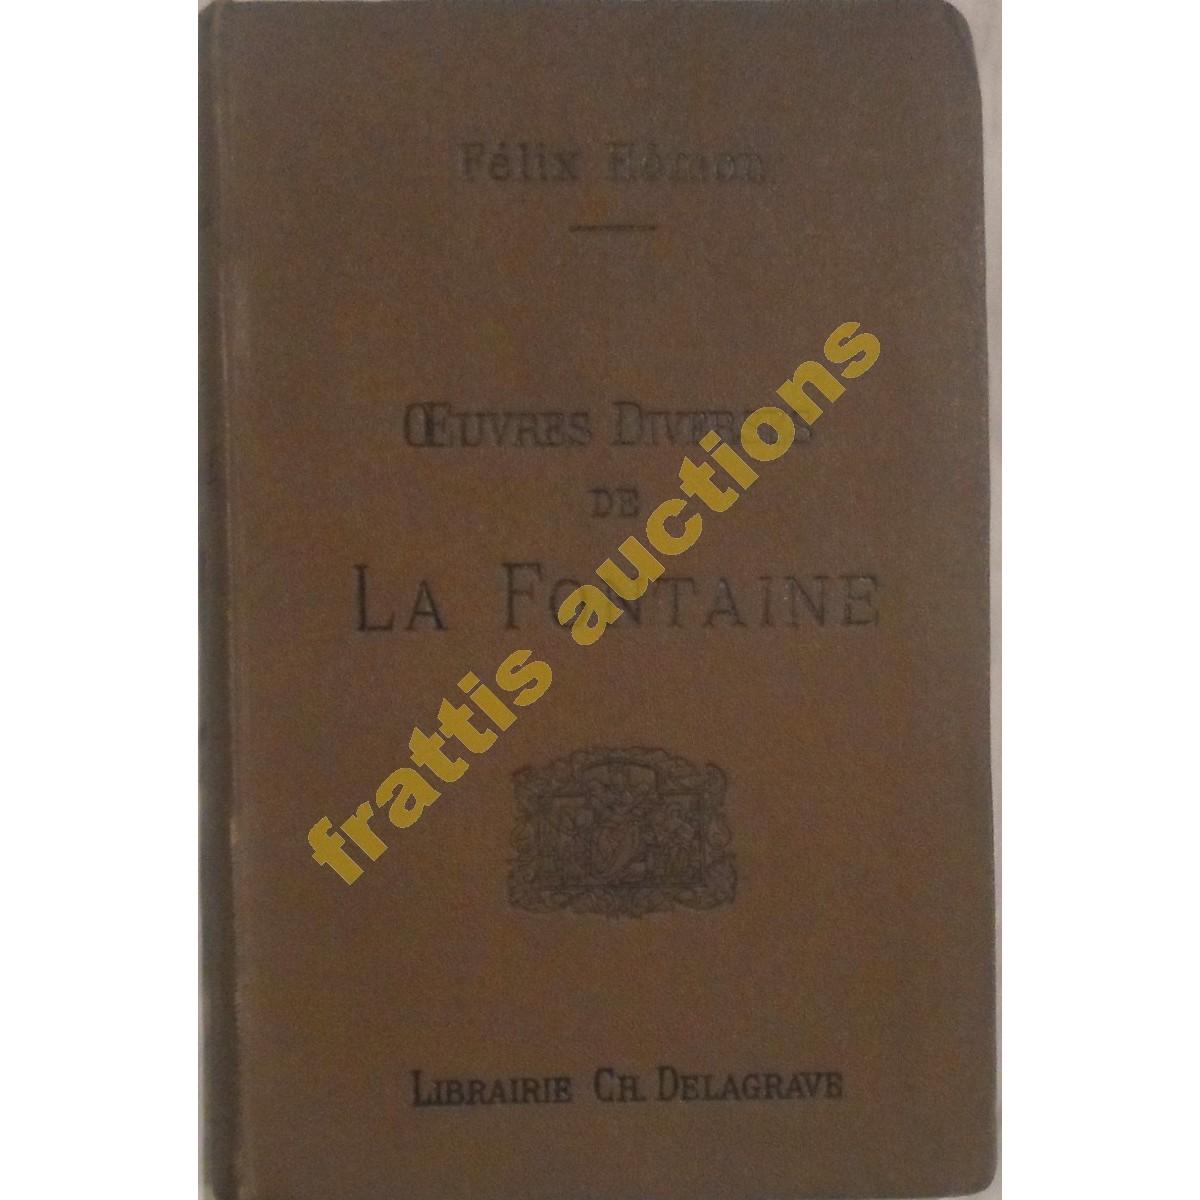 F. HEMON, OEUVRES DIVERSES DE LA FONTAINE. Paris1894